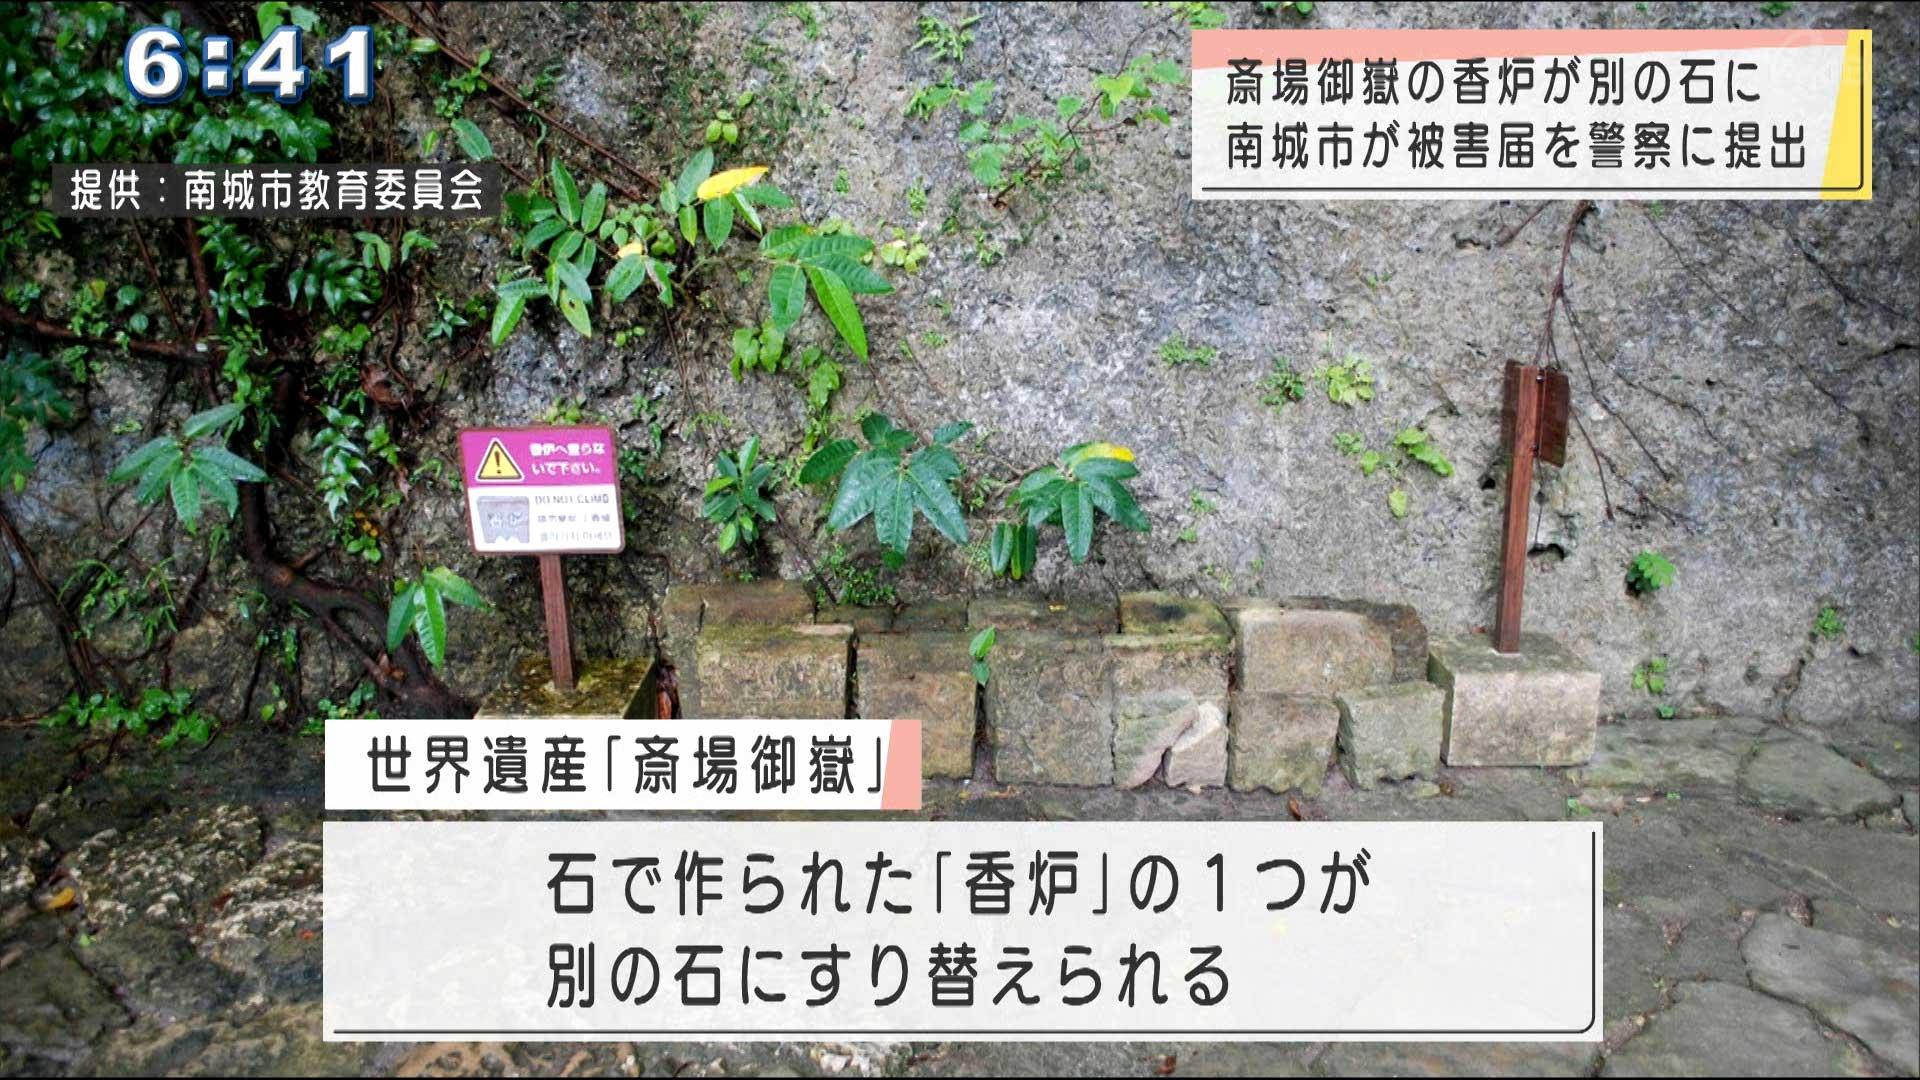 沖縄・斎場御嶽の香炉が盗難で警察が捜査